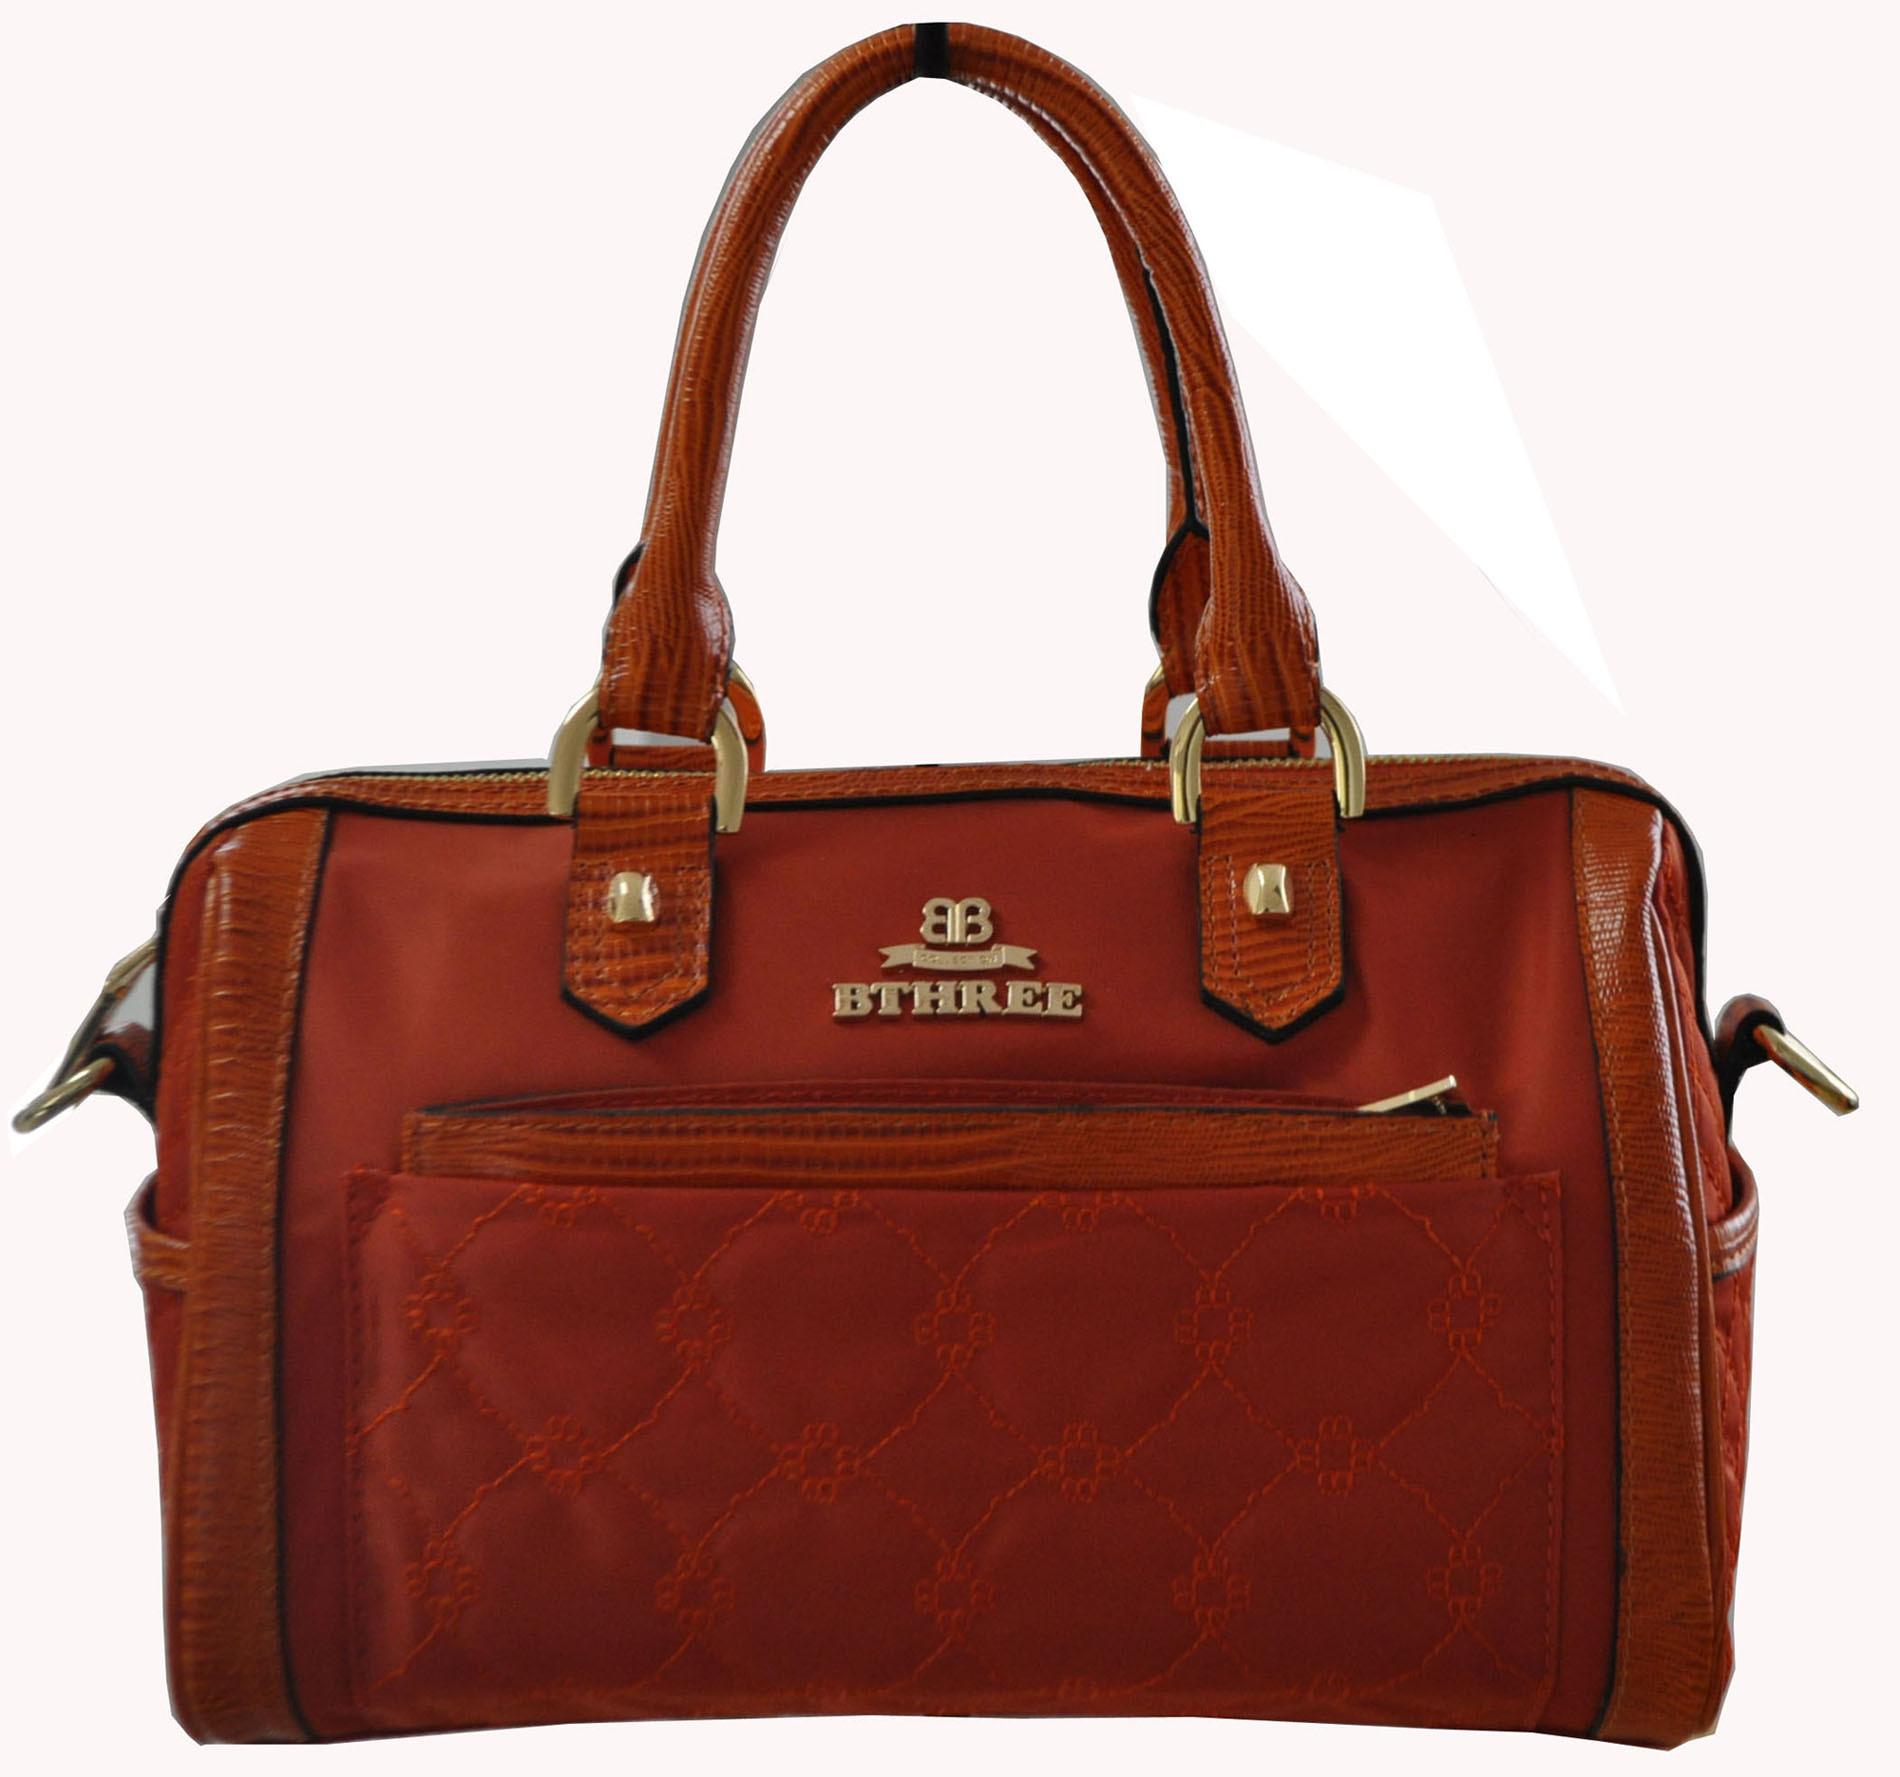 35_fashion_handbags_2.jpg